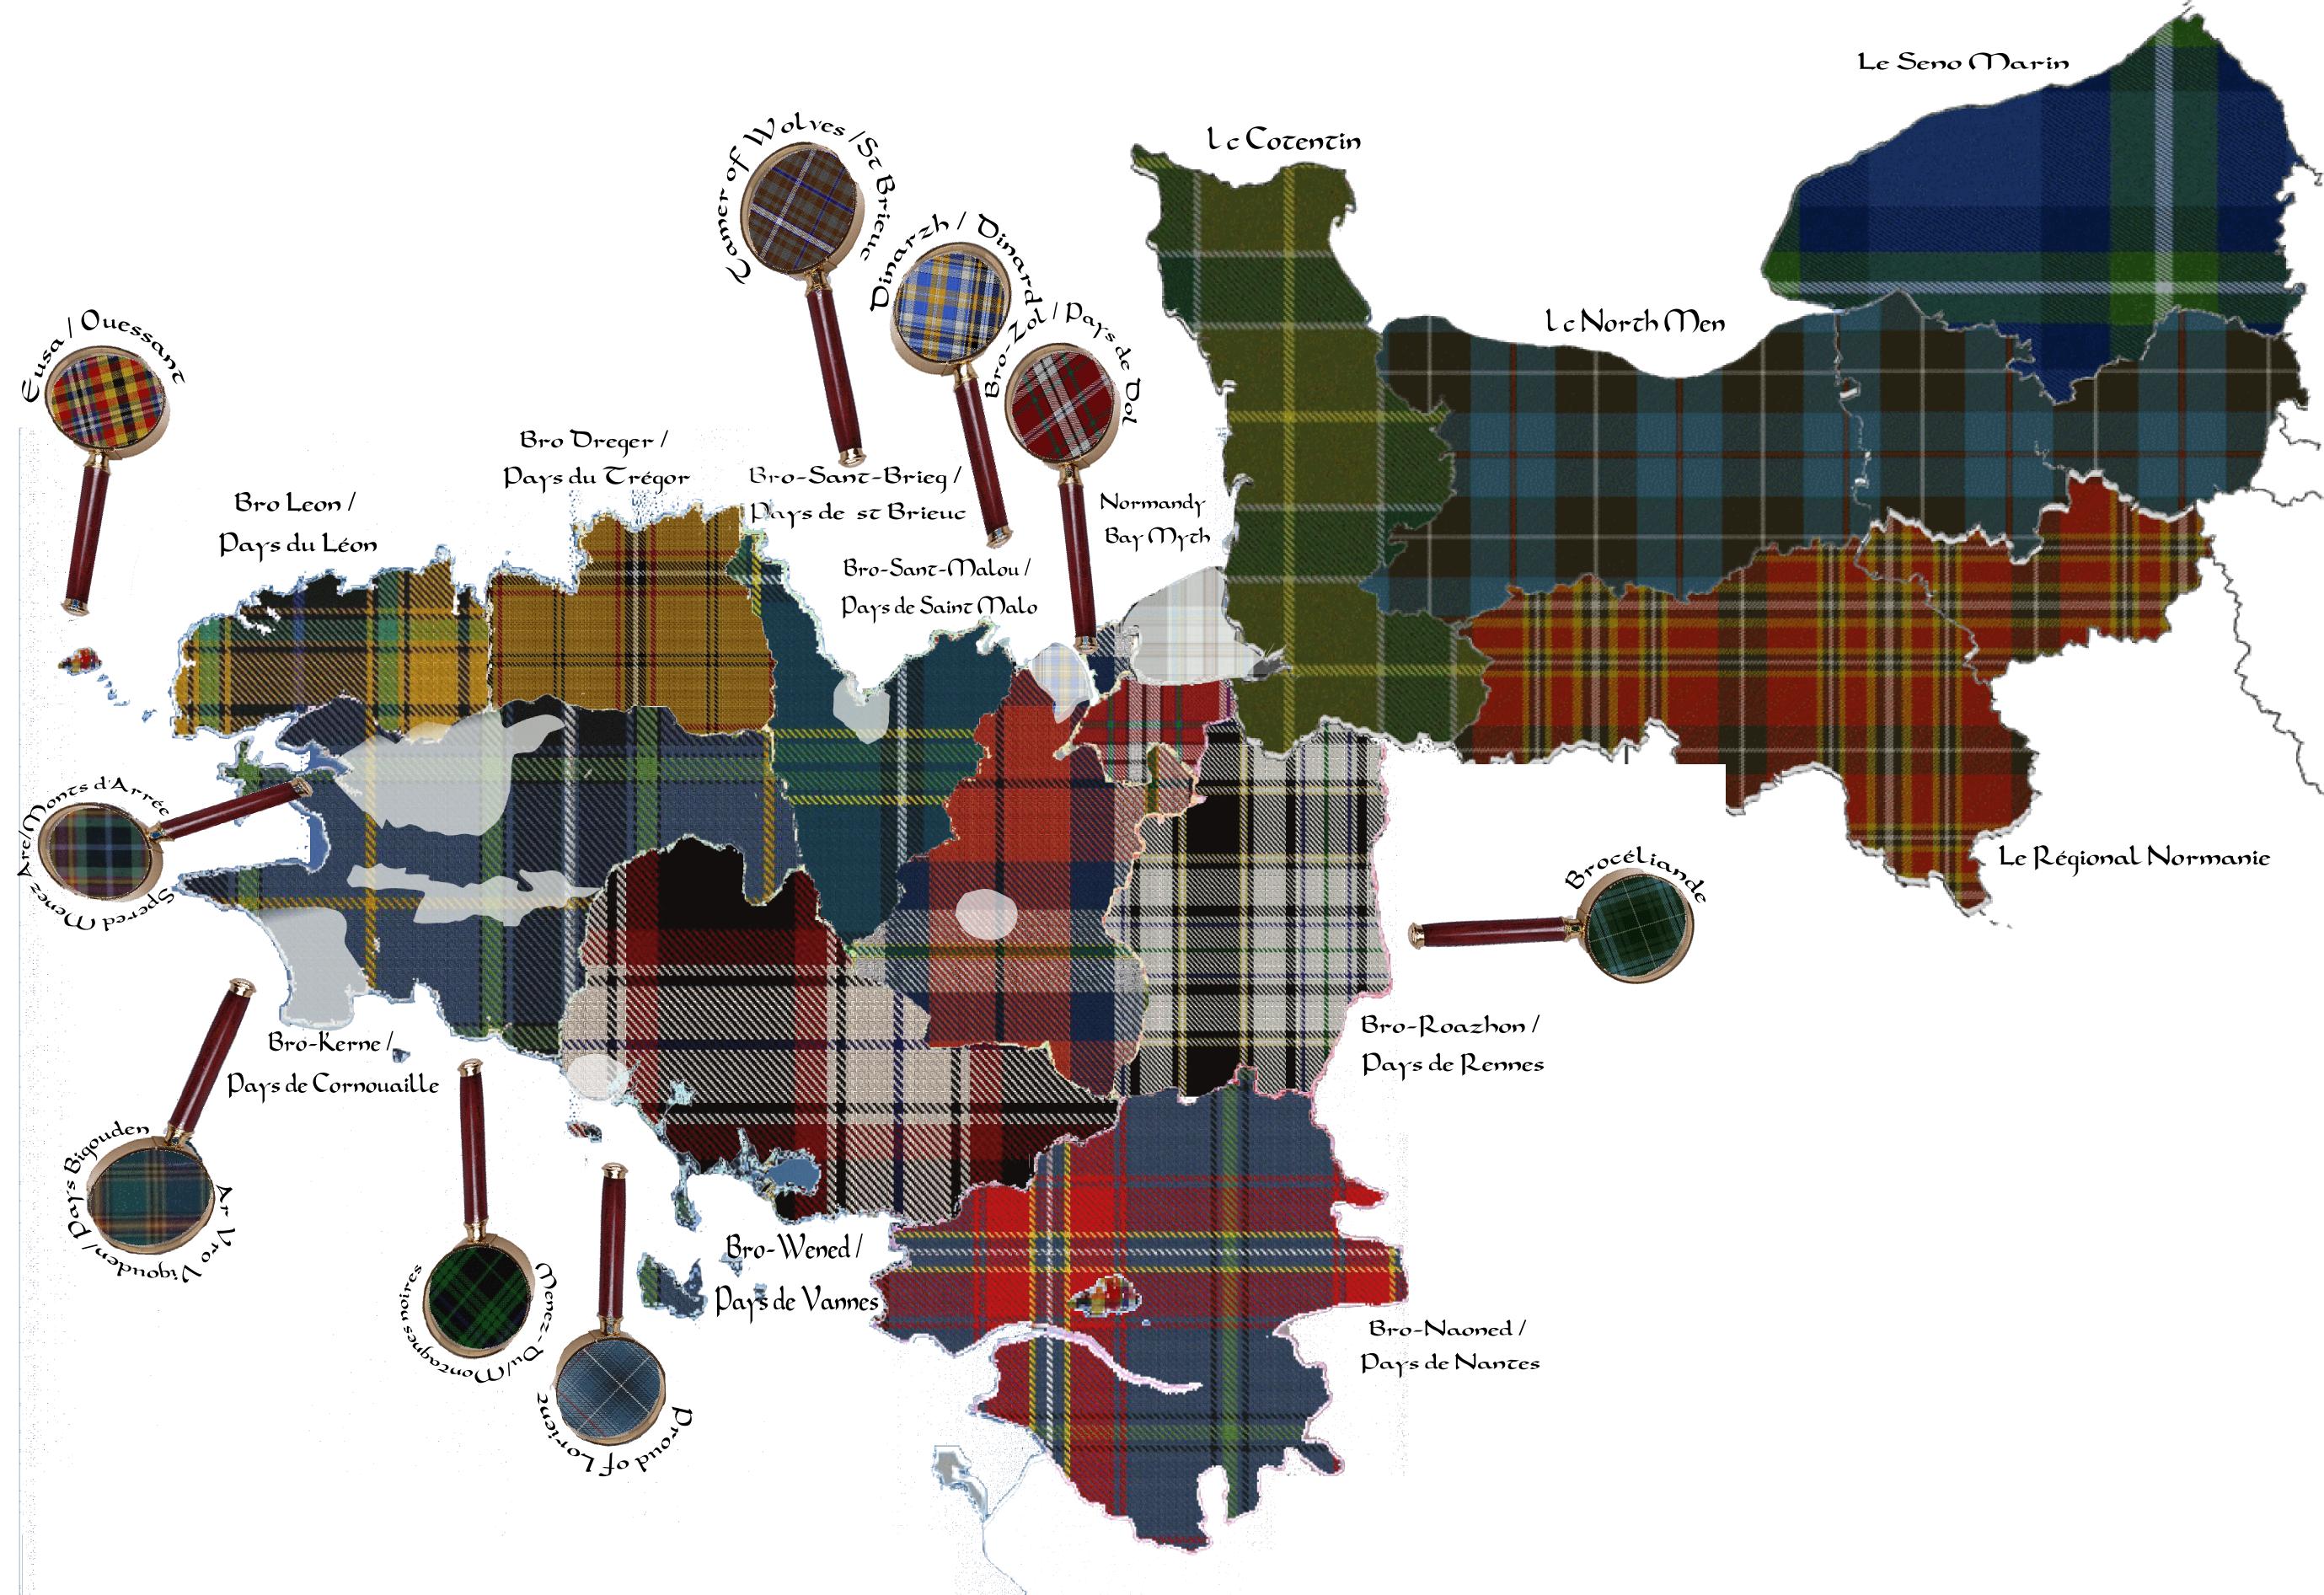 Le saviez vous ecosse tartan kilt et clans les for Pourquoi ecossais portent kilt